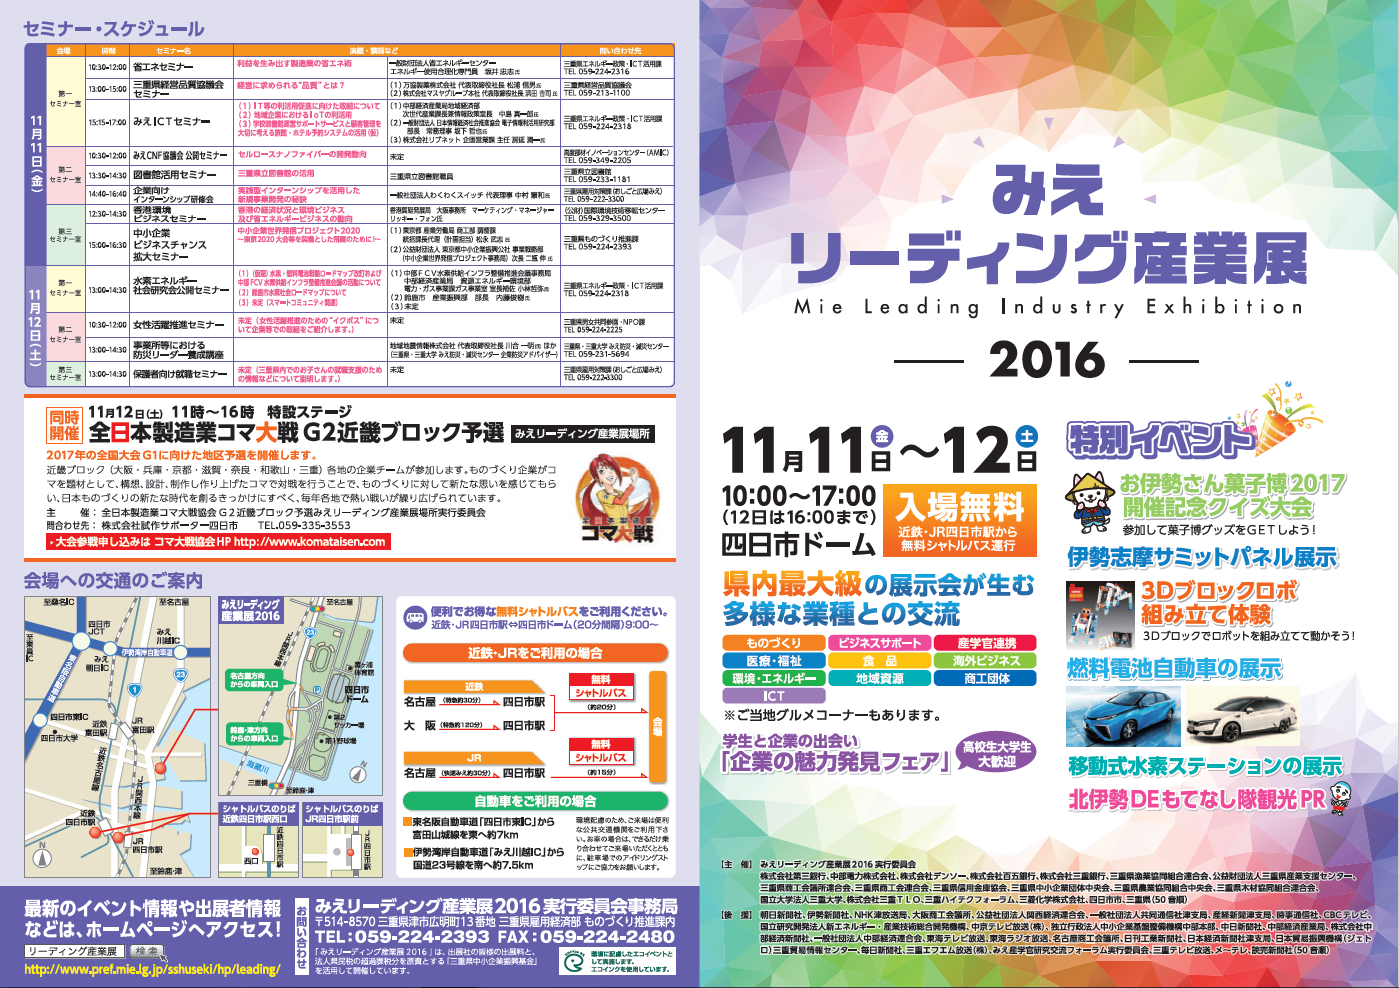 リーディング産業展2016